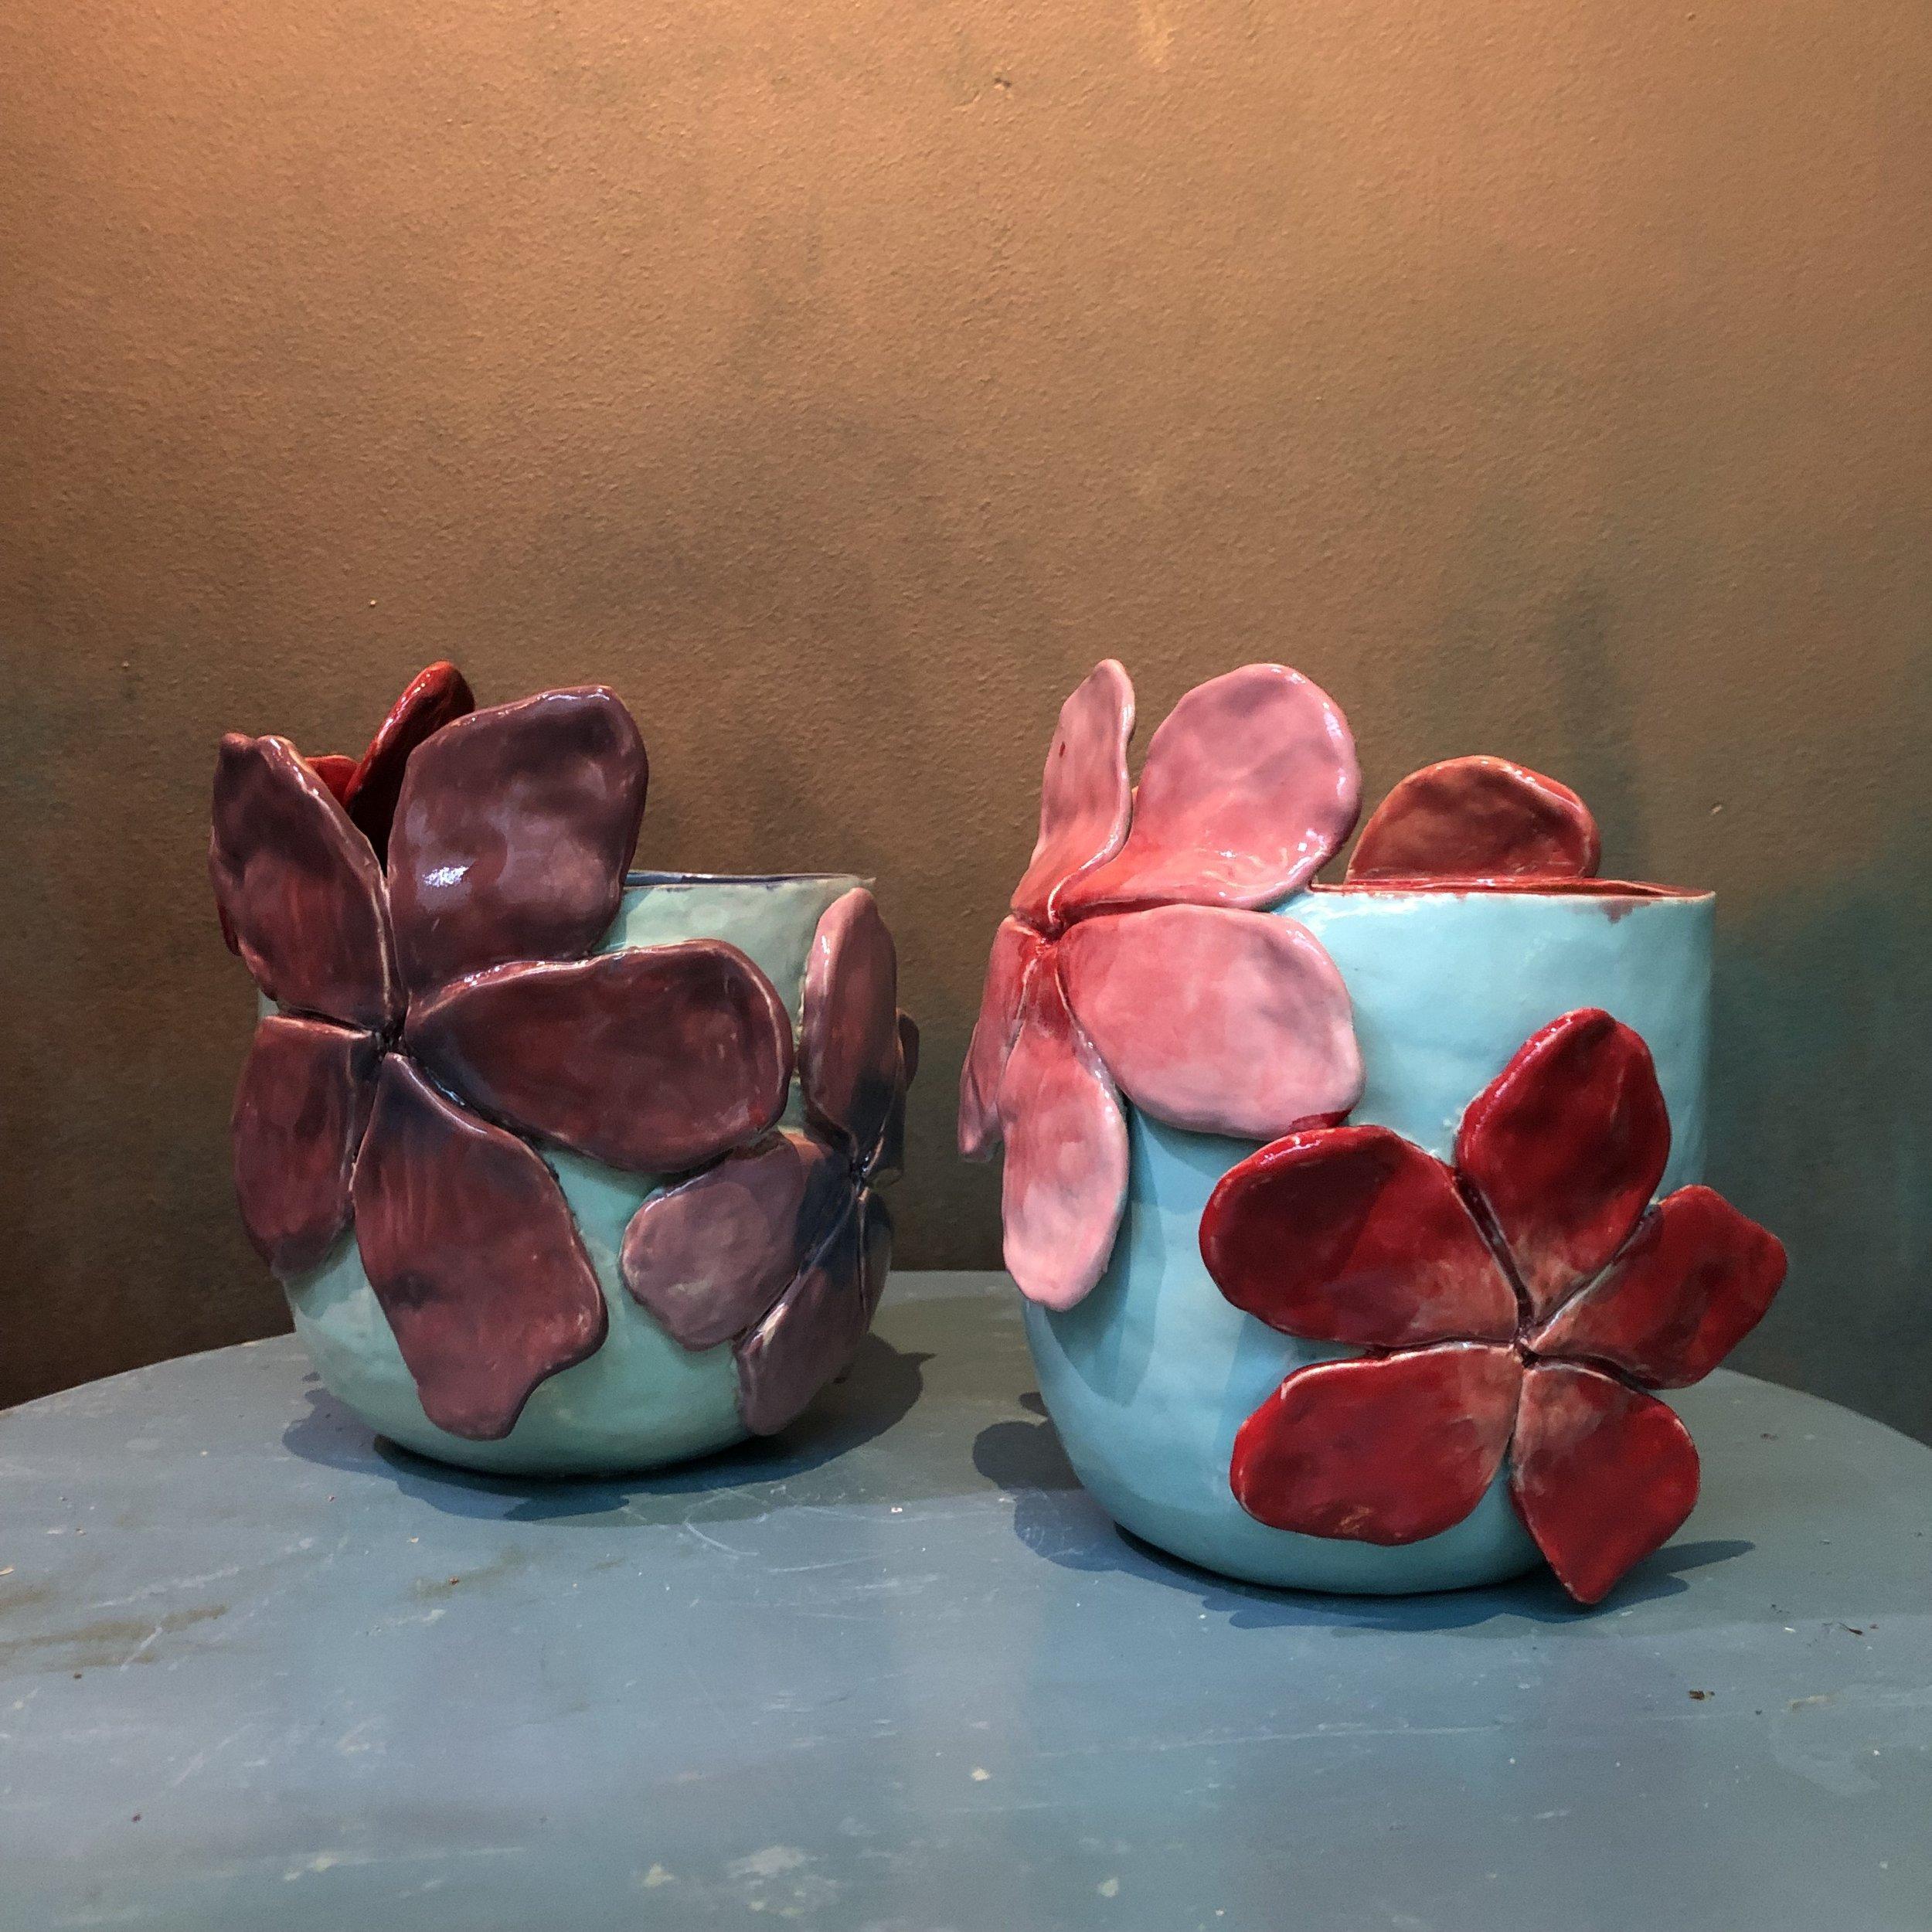 flowervase2&3.4.jpg